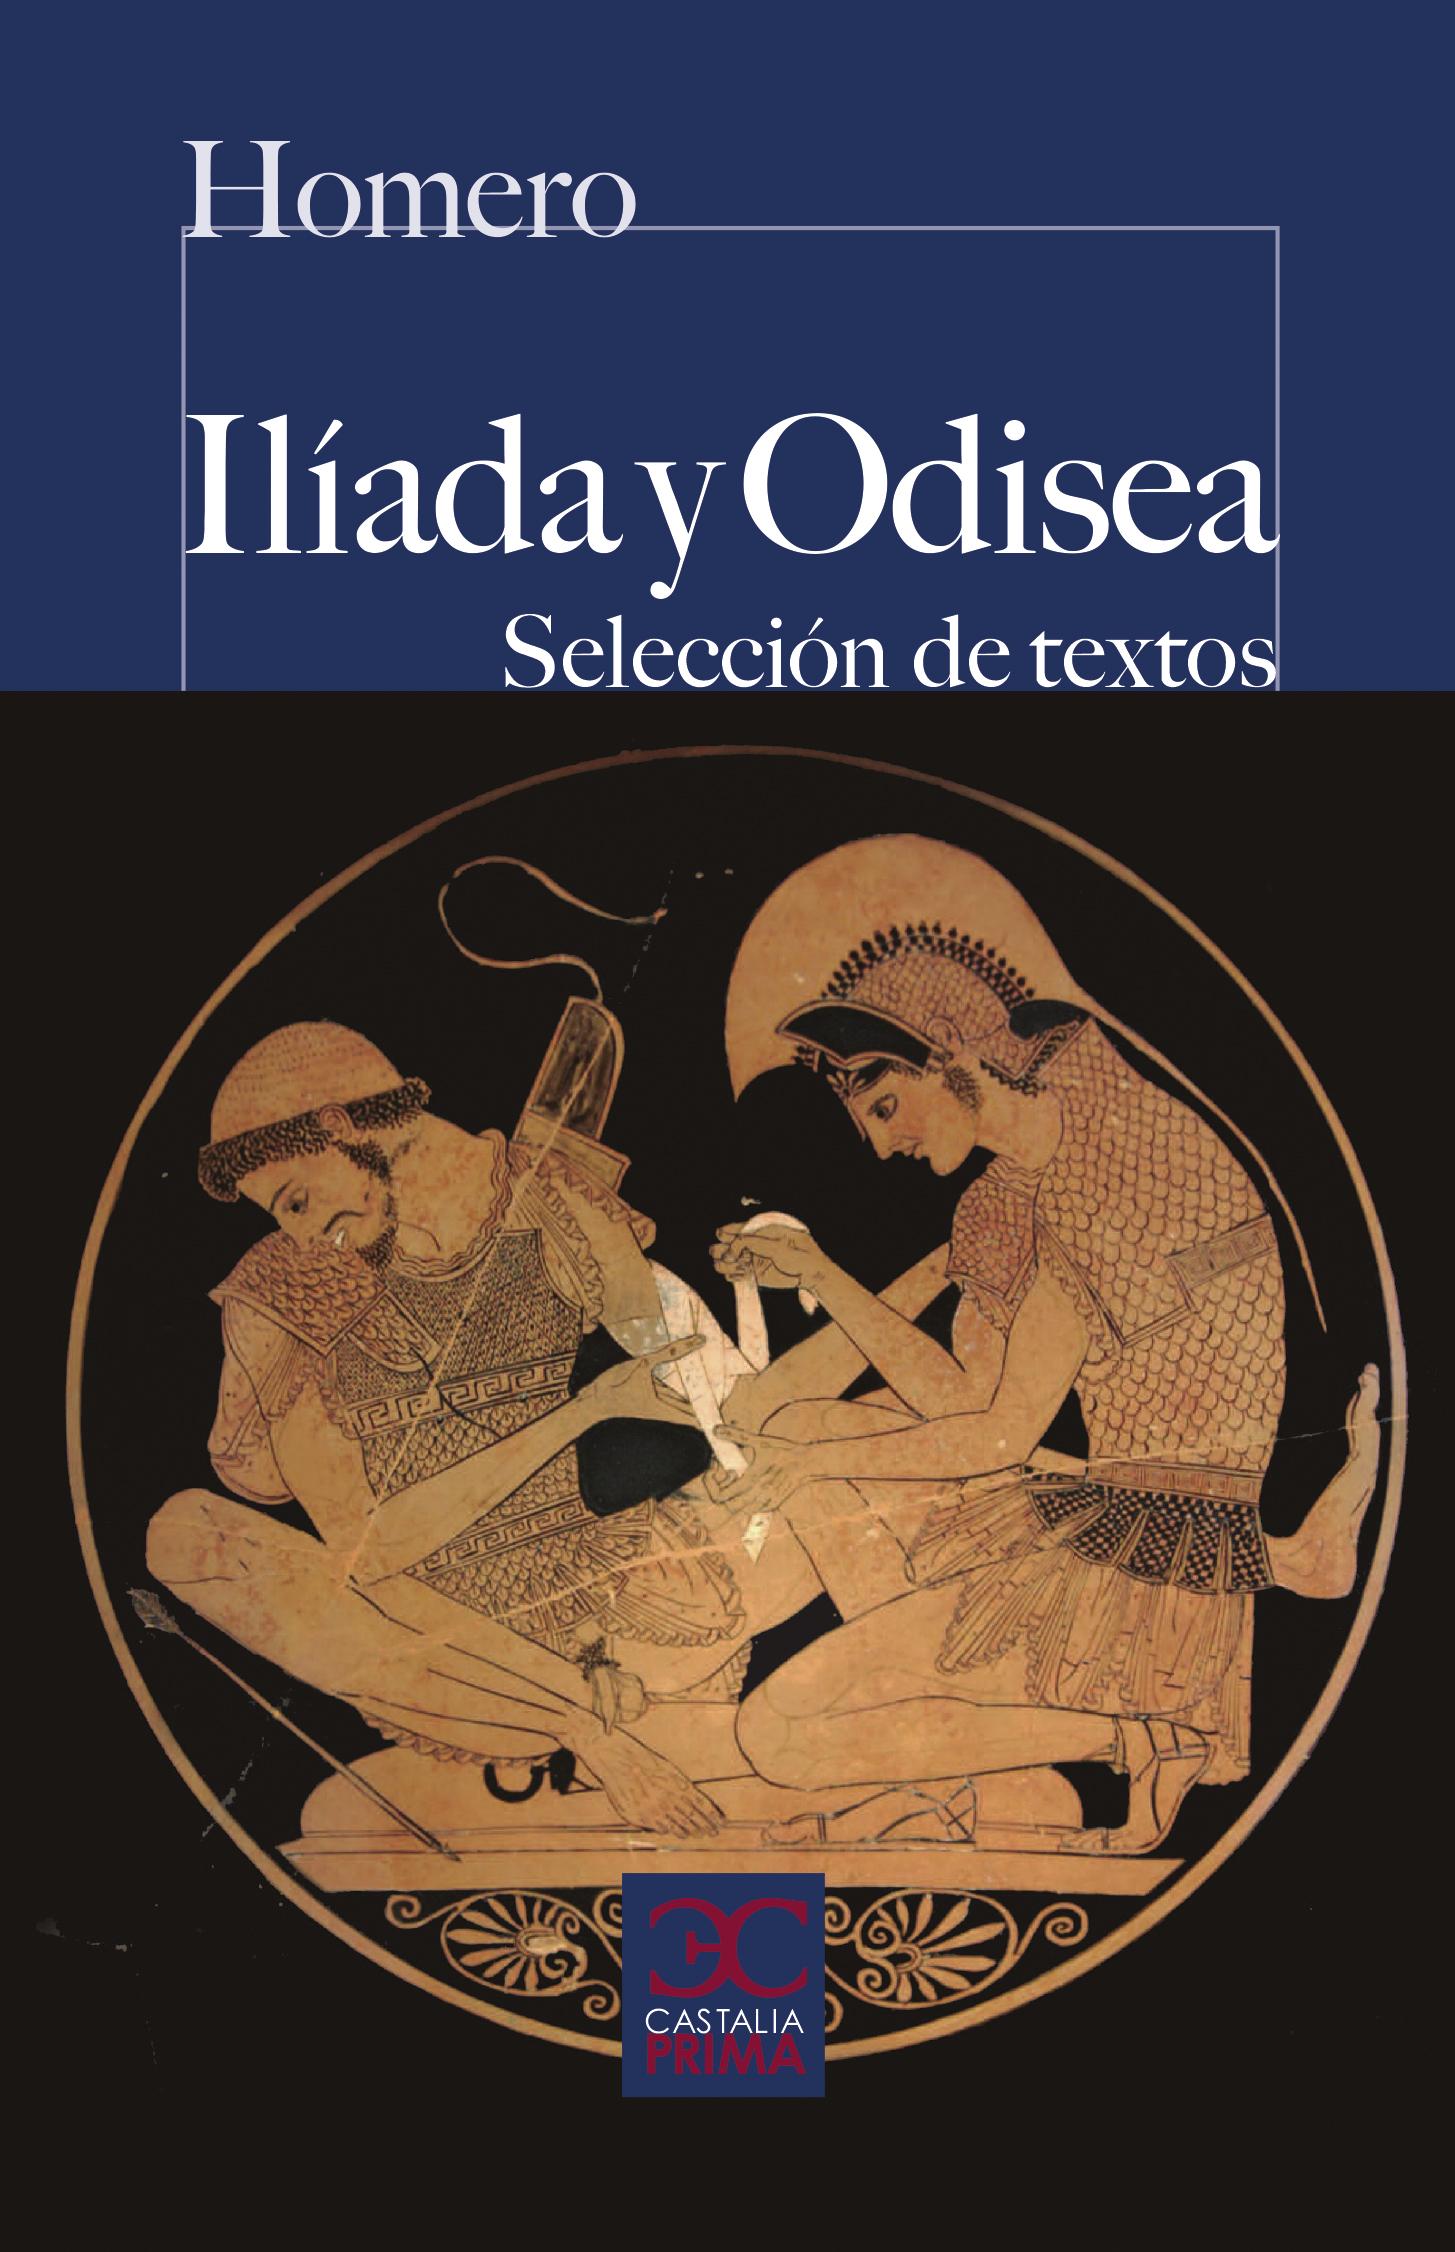 Iliada y Odisea (Selección de textos) -  Homero